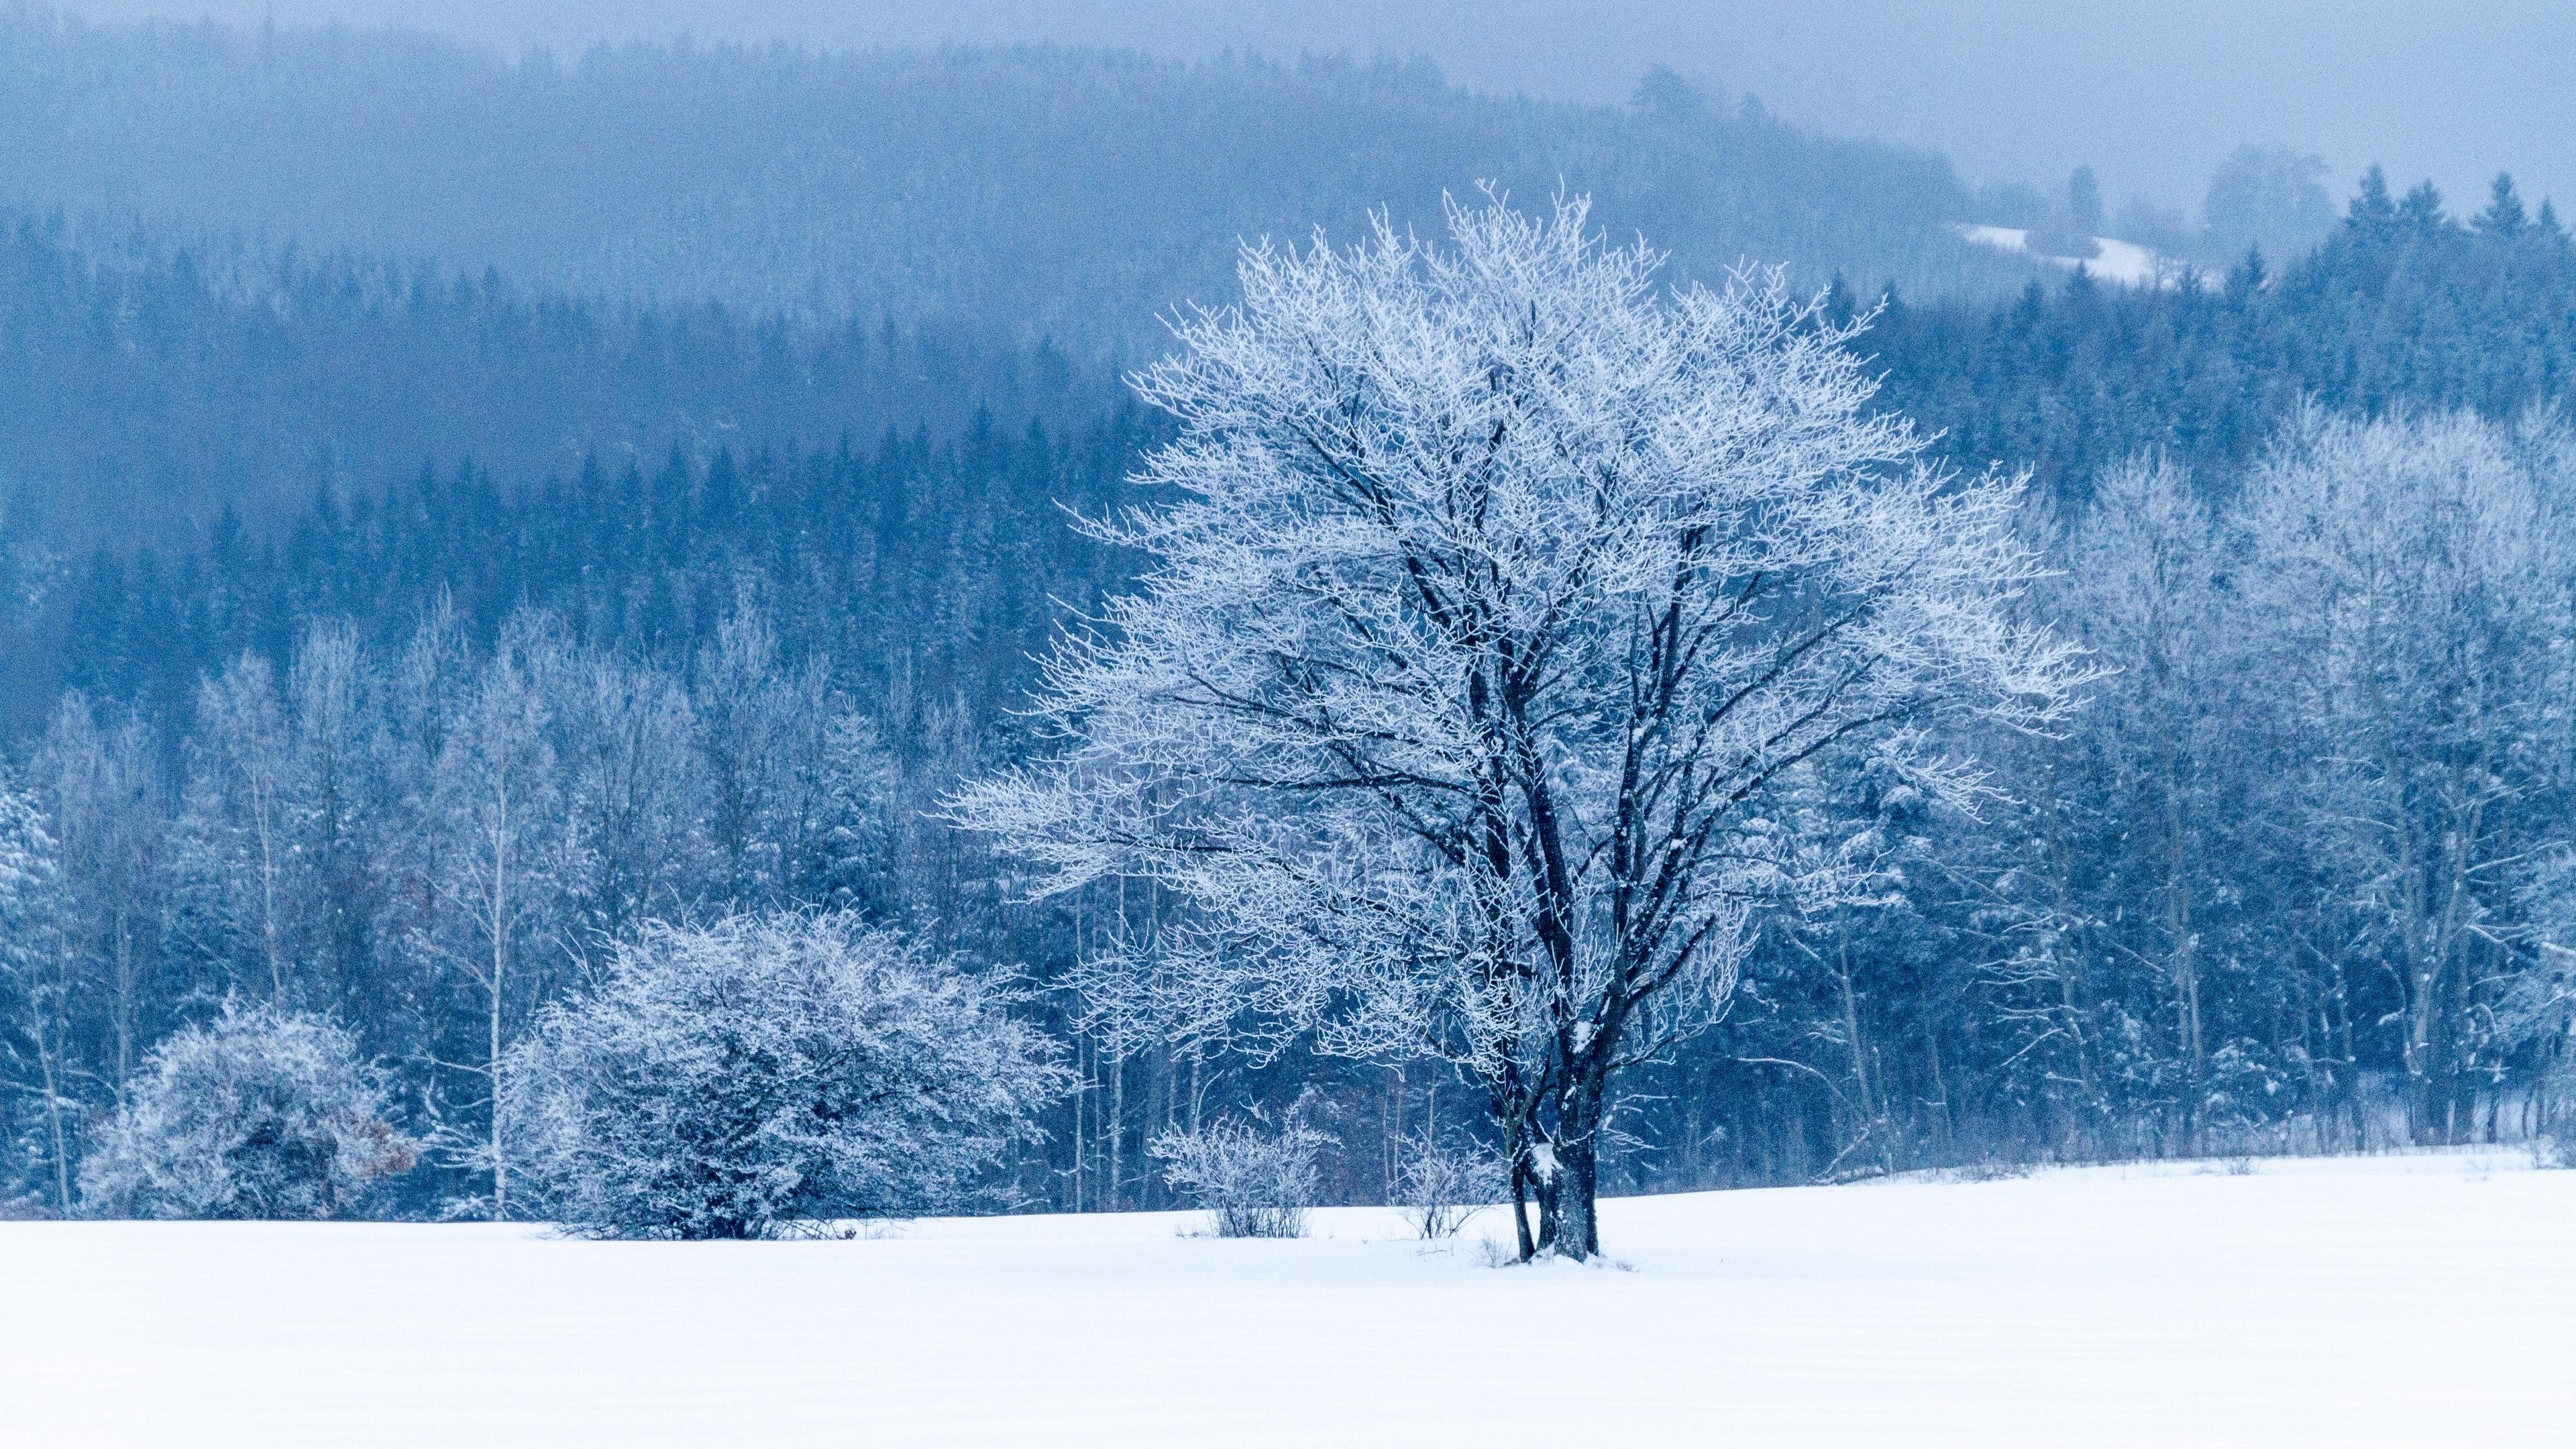 Tree Snow Winter Forest 4k - HD Wallpaper